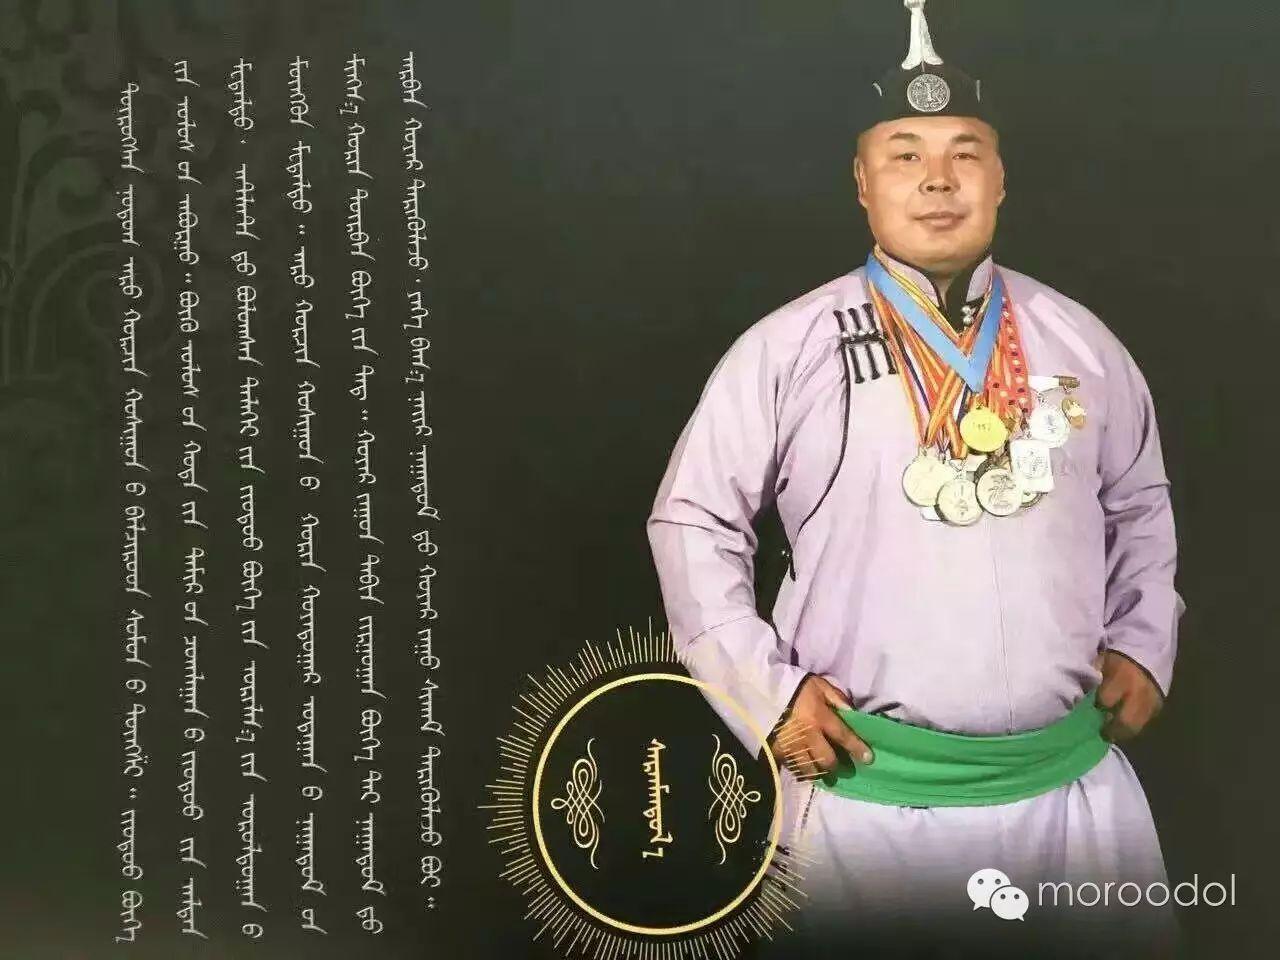 卐【蒙古博克】赤峰著名摔跤手及他们的战绩(图片) 第4张 卐【蒙古博克】赤峰著名摔跤手及他们的战绩(图片) 蒙古文化